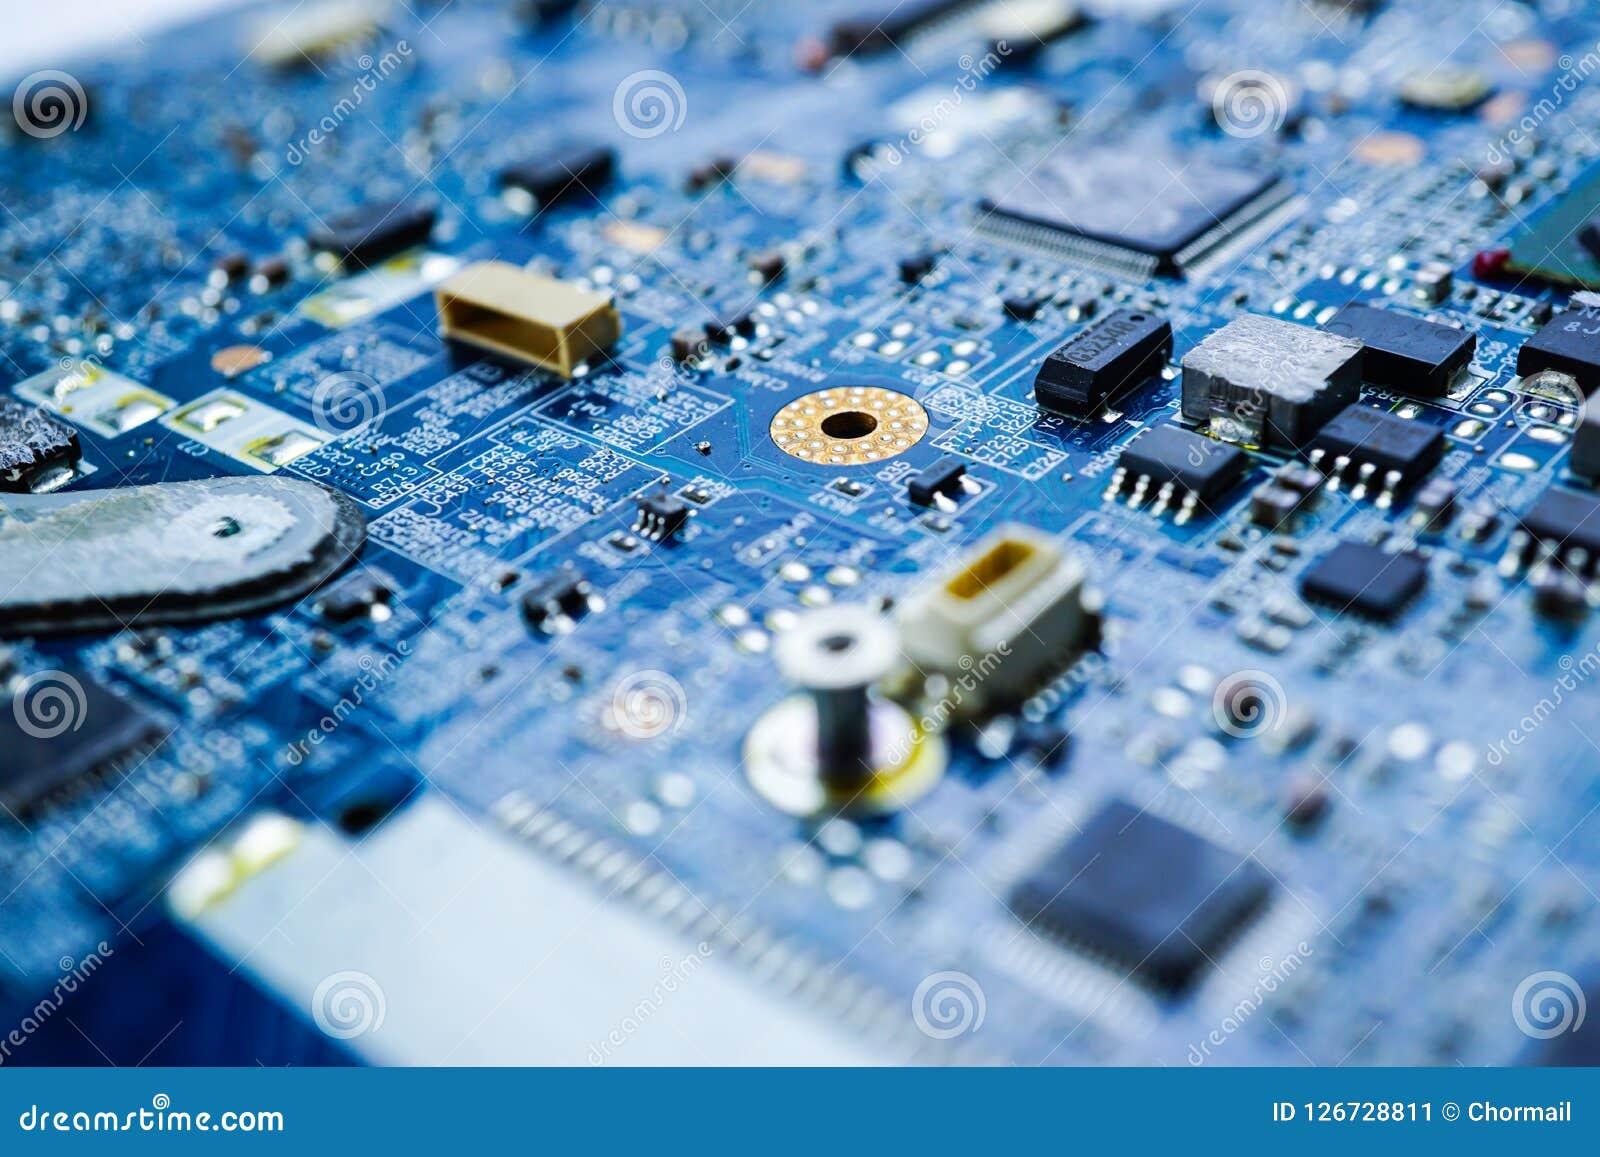 Van de de spaander mainboard kern van de computerkring cpu het apparaat van de de bewerkerelektronika